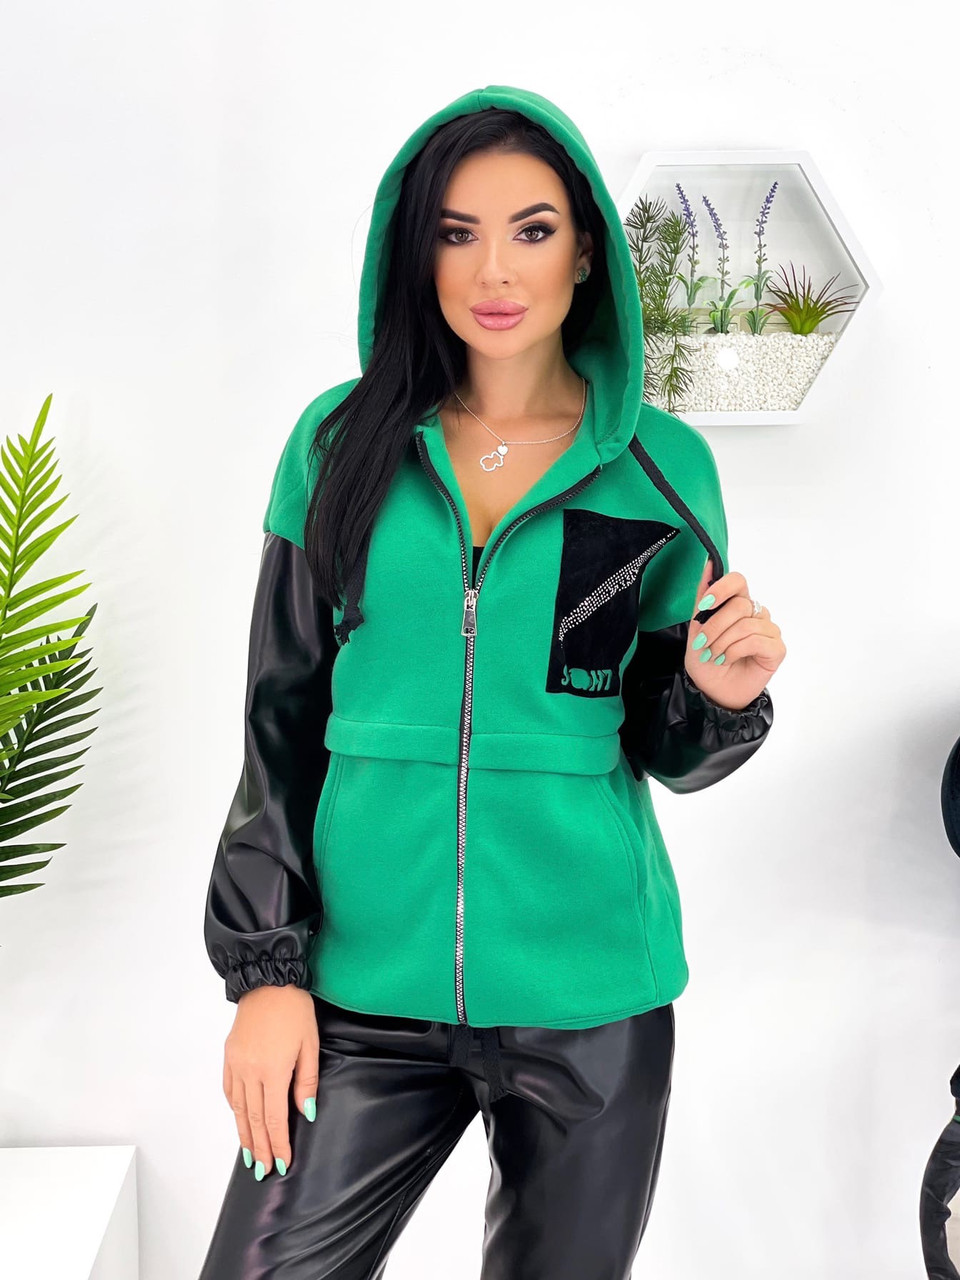 Жіночий костюм, шкіра на флісі, трехнить на флісі, р-р 42-44; 46-48; 50-52 (зелений)